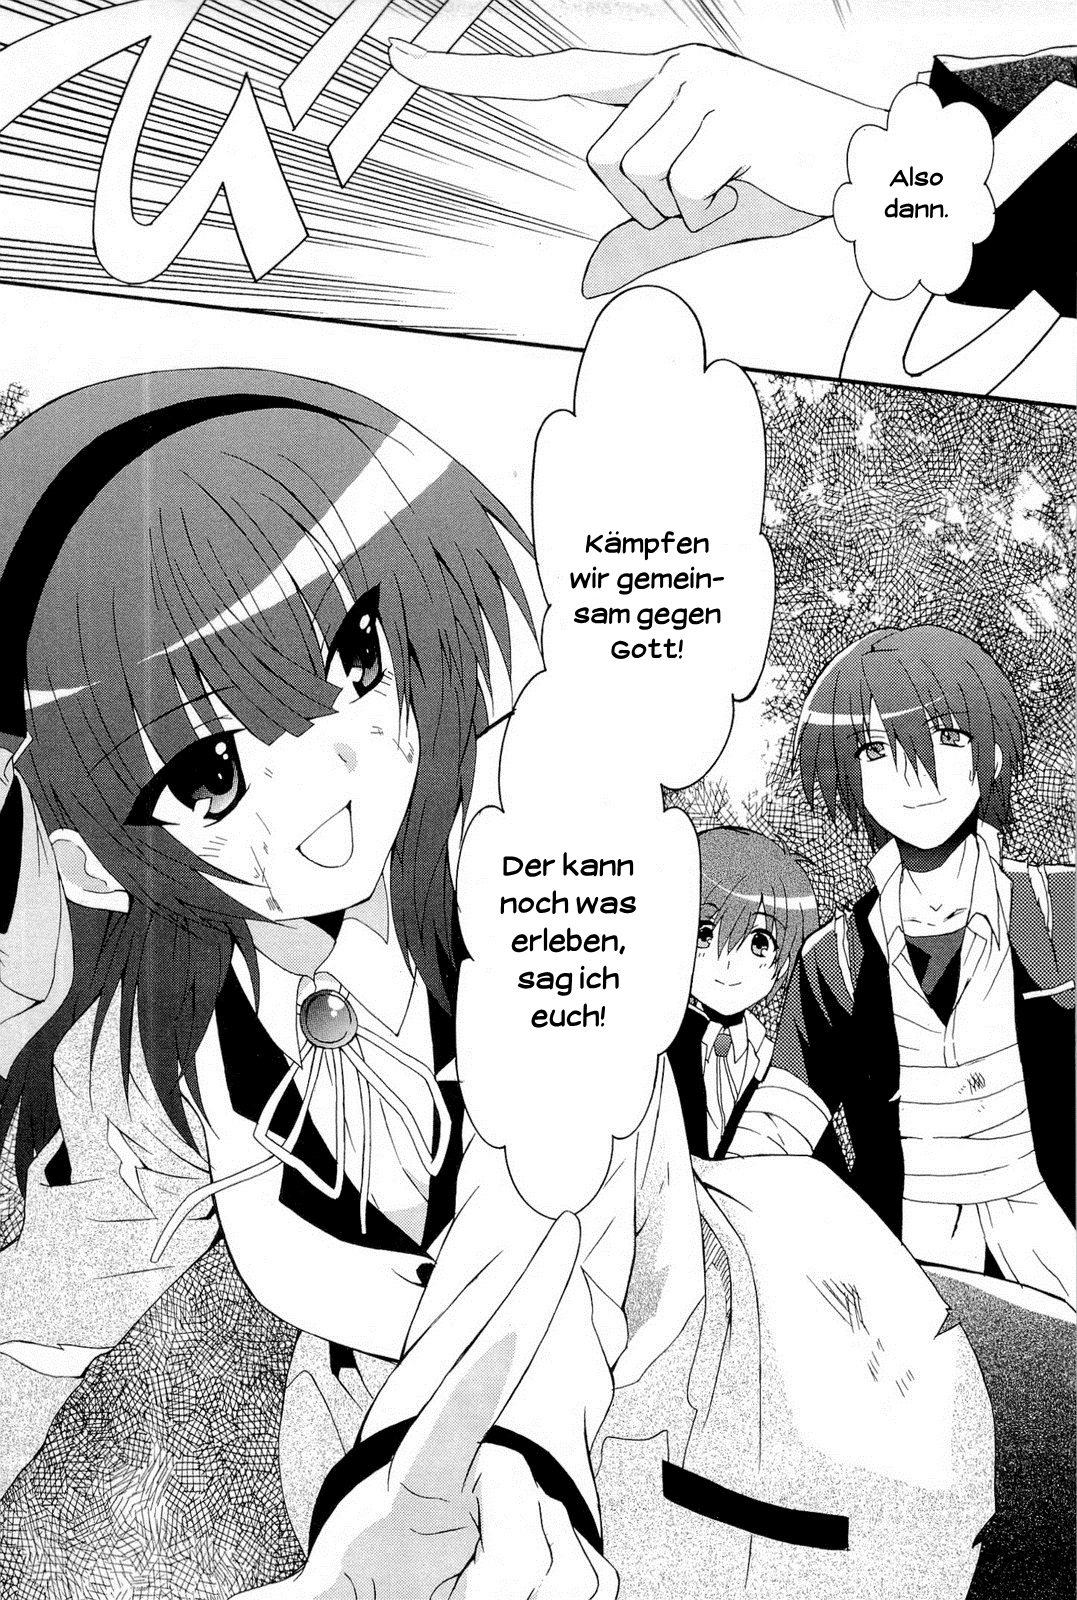 https://wie.mangadogs.com/comics/pic/13/13/209988/Kapitel20_8_602.png Page 9